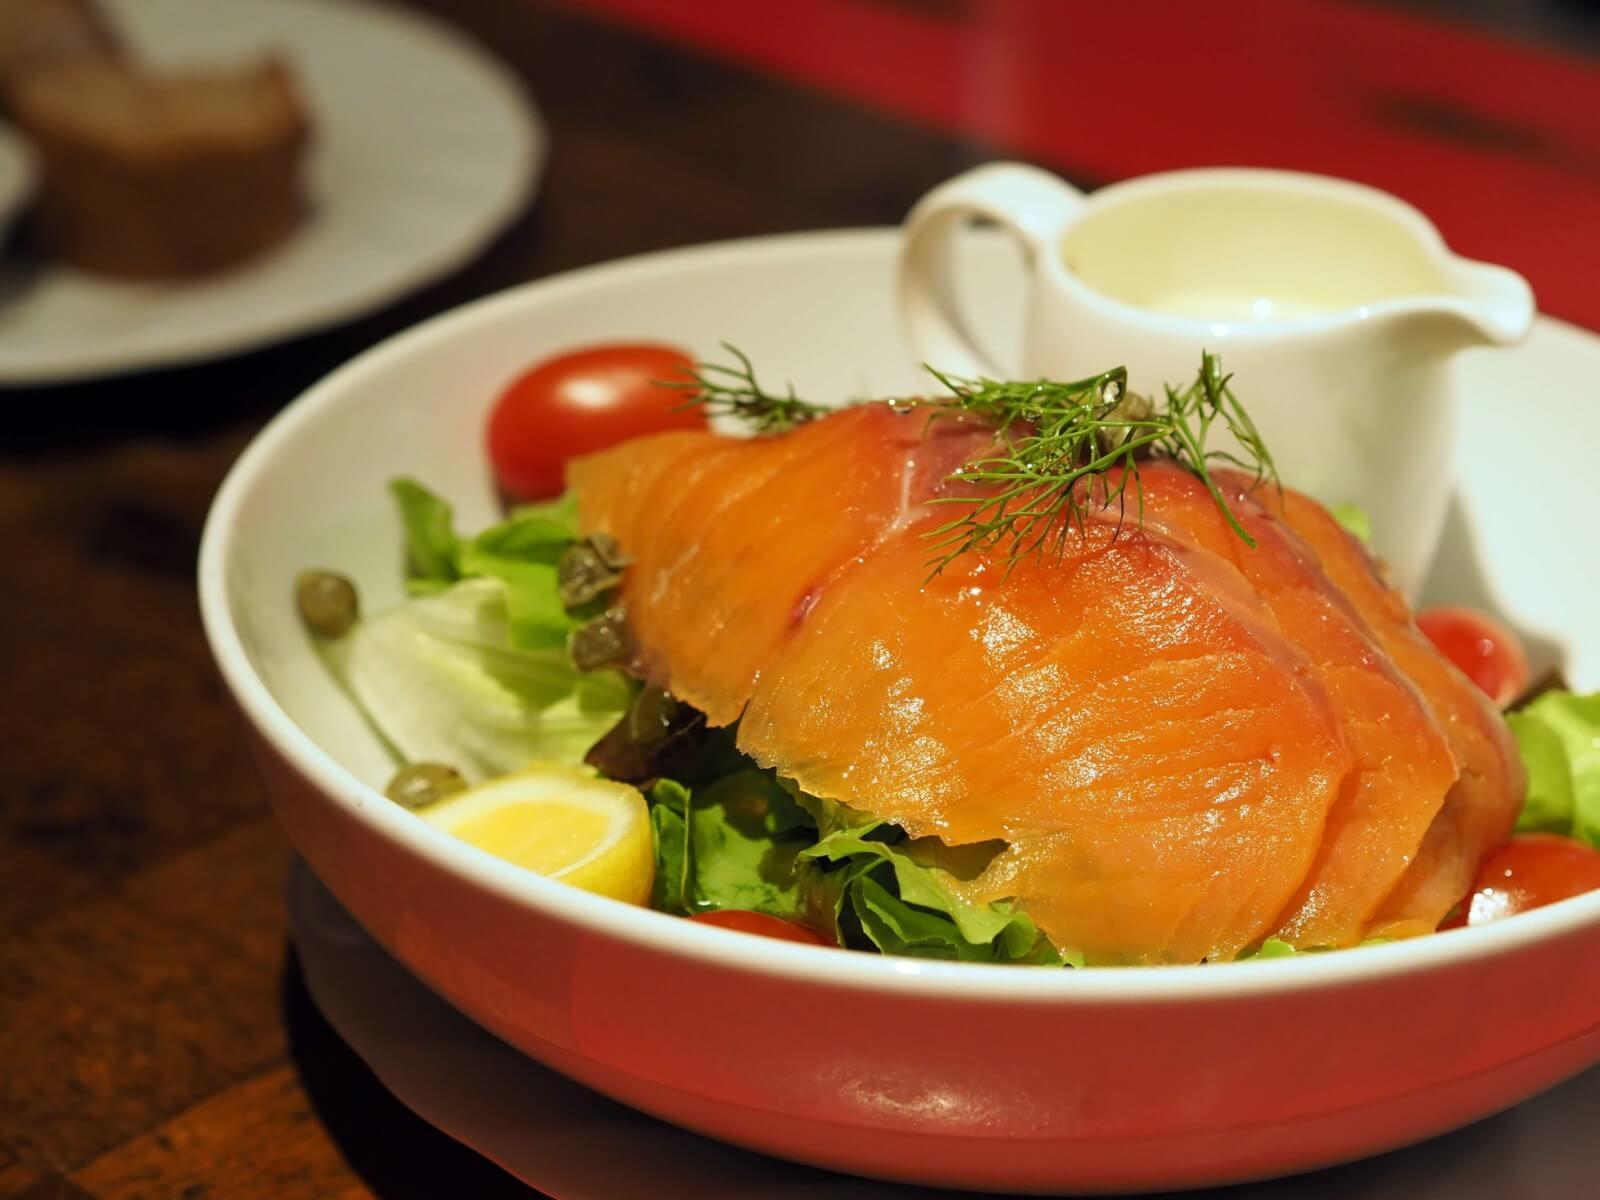 обзор сортов рыбы: красная рыба